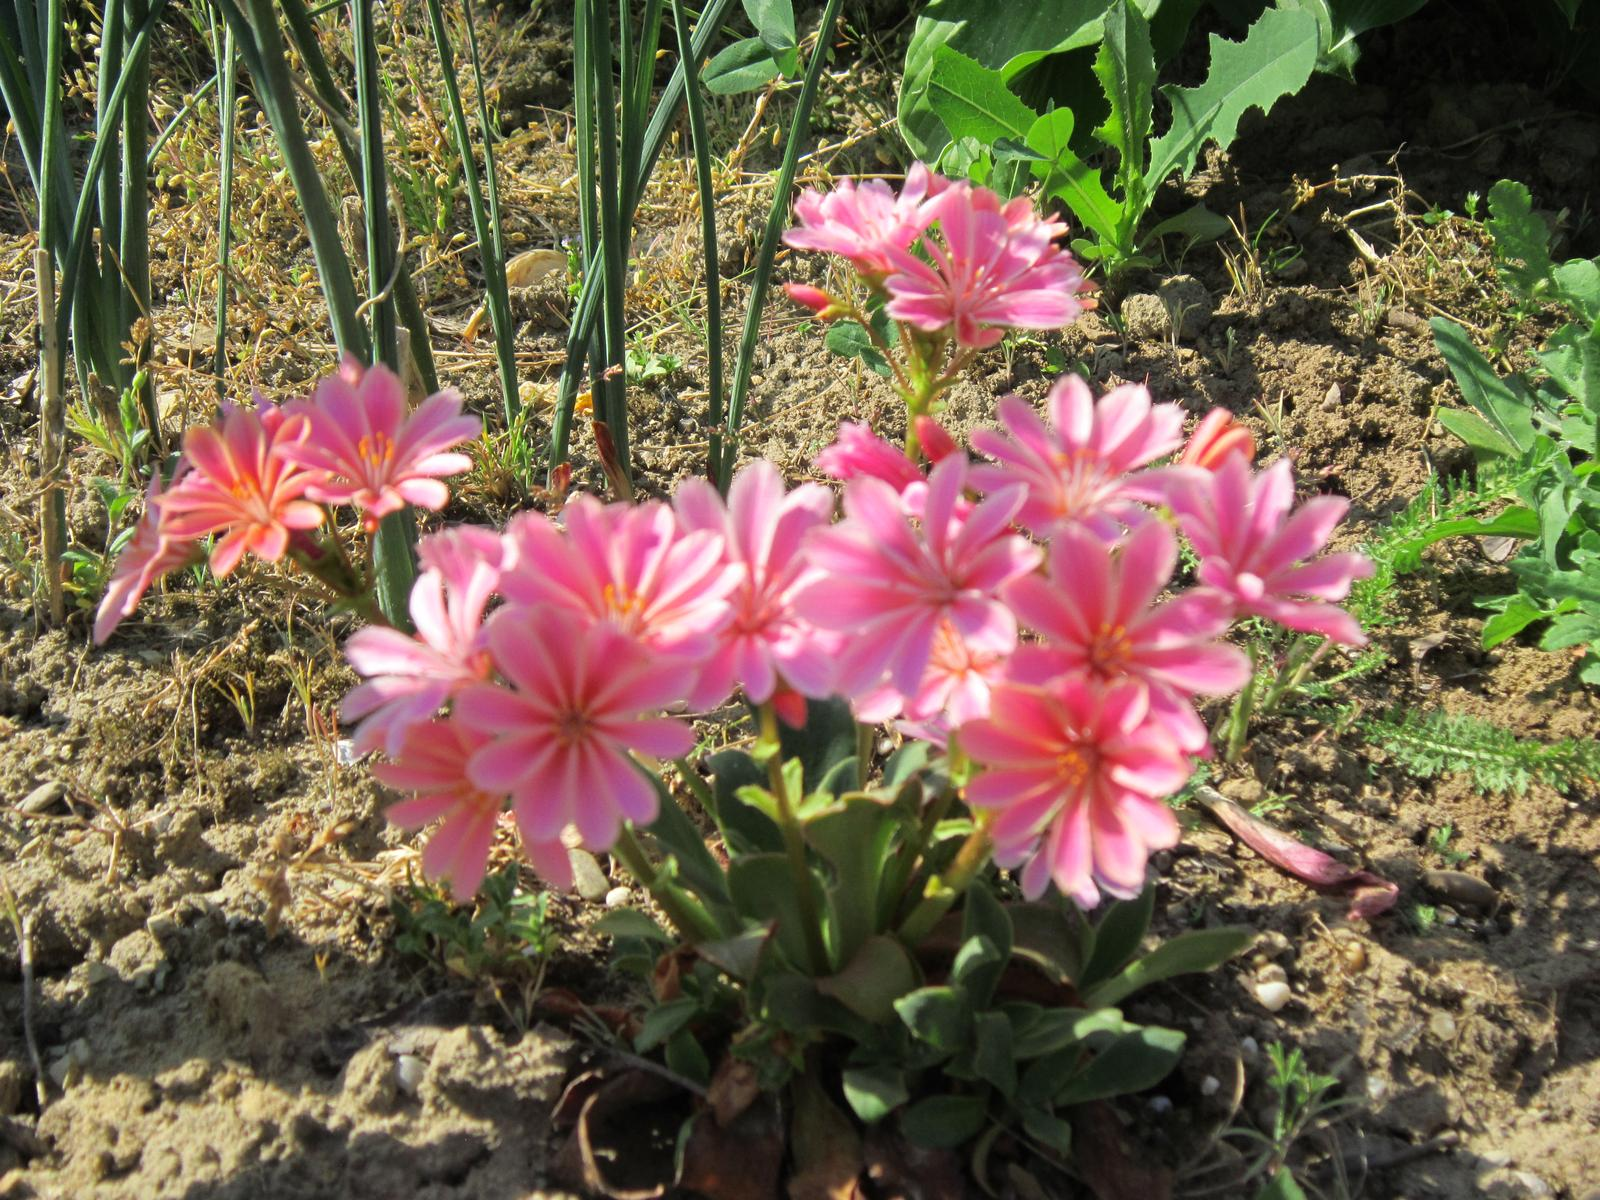 """Pozvanie do našej jarnej záhrady - Skalnička """"lewisia""""...predavačka mi ju neodporučila,že neprežije zimu...a ona predsa prežila...nechcela som tomu veriť po tých zimných mrazoch..."""